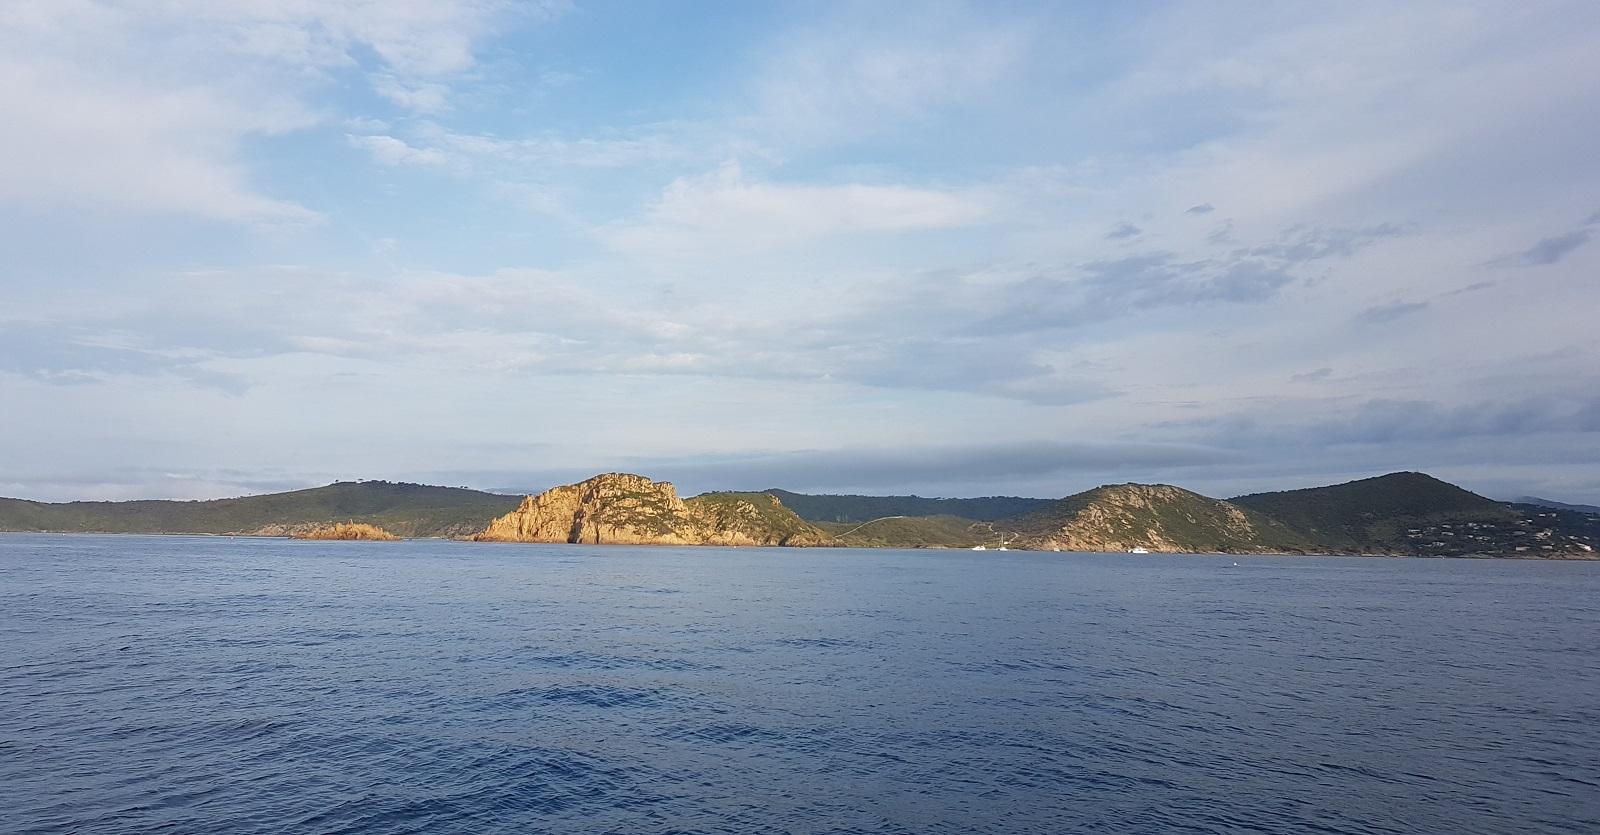 dans 2021: Balades et traversée vers la Corse